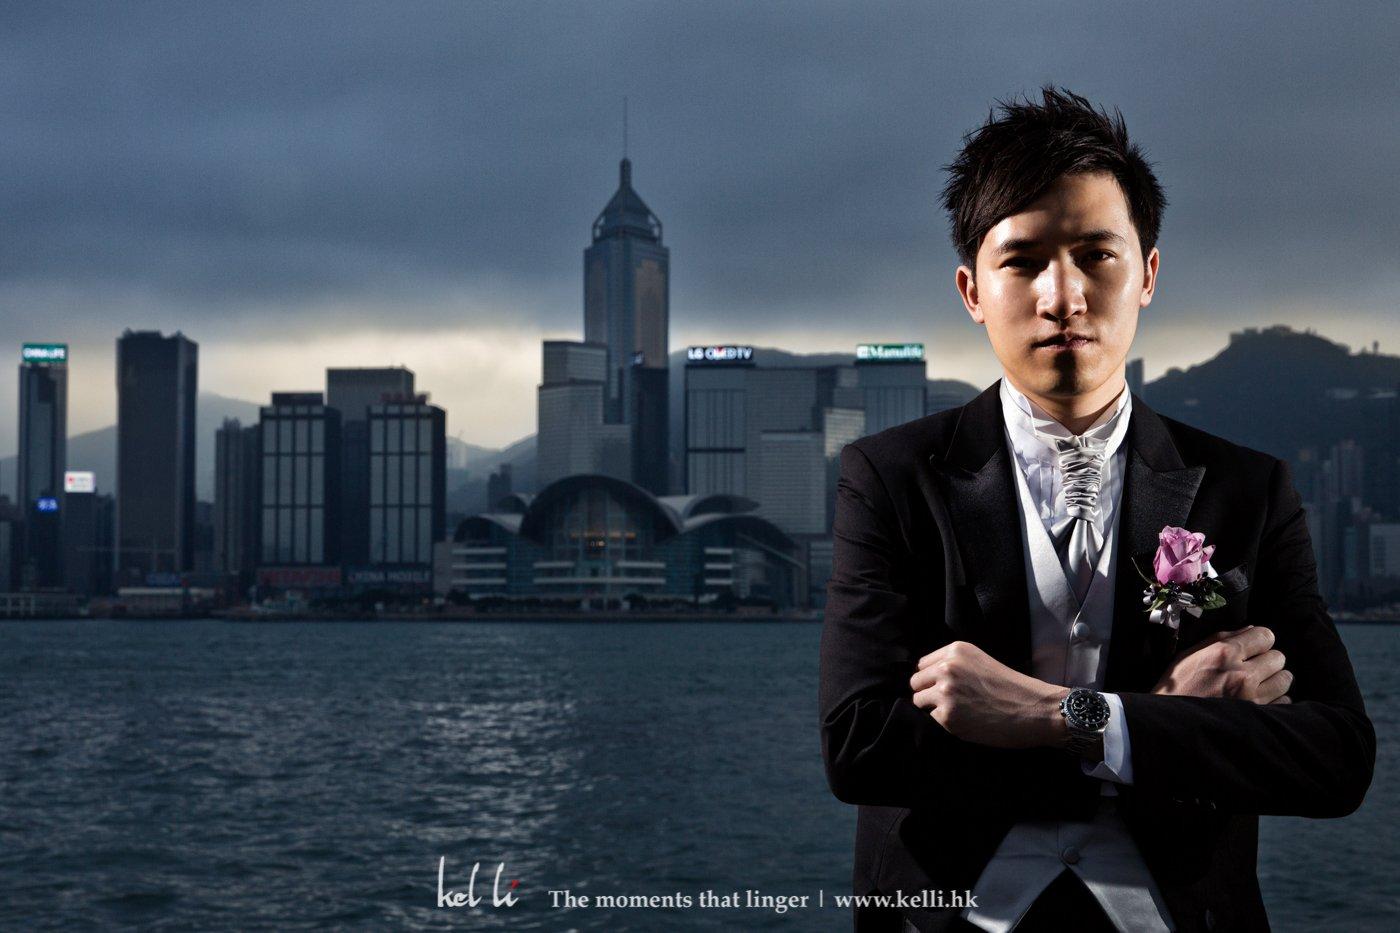 Kel Li Art Gallery - 當即場播放婚禮當天的相片時,來賓看到這張相片是都嘩了一聲,大概是新部嫡帥,哈